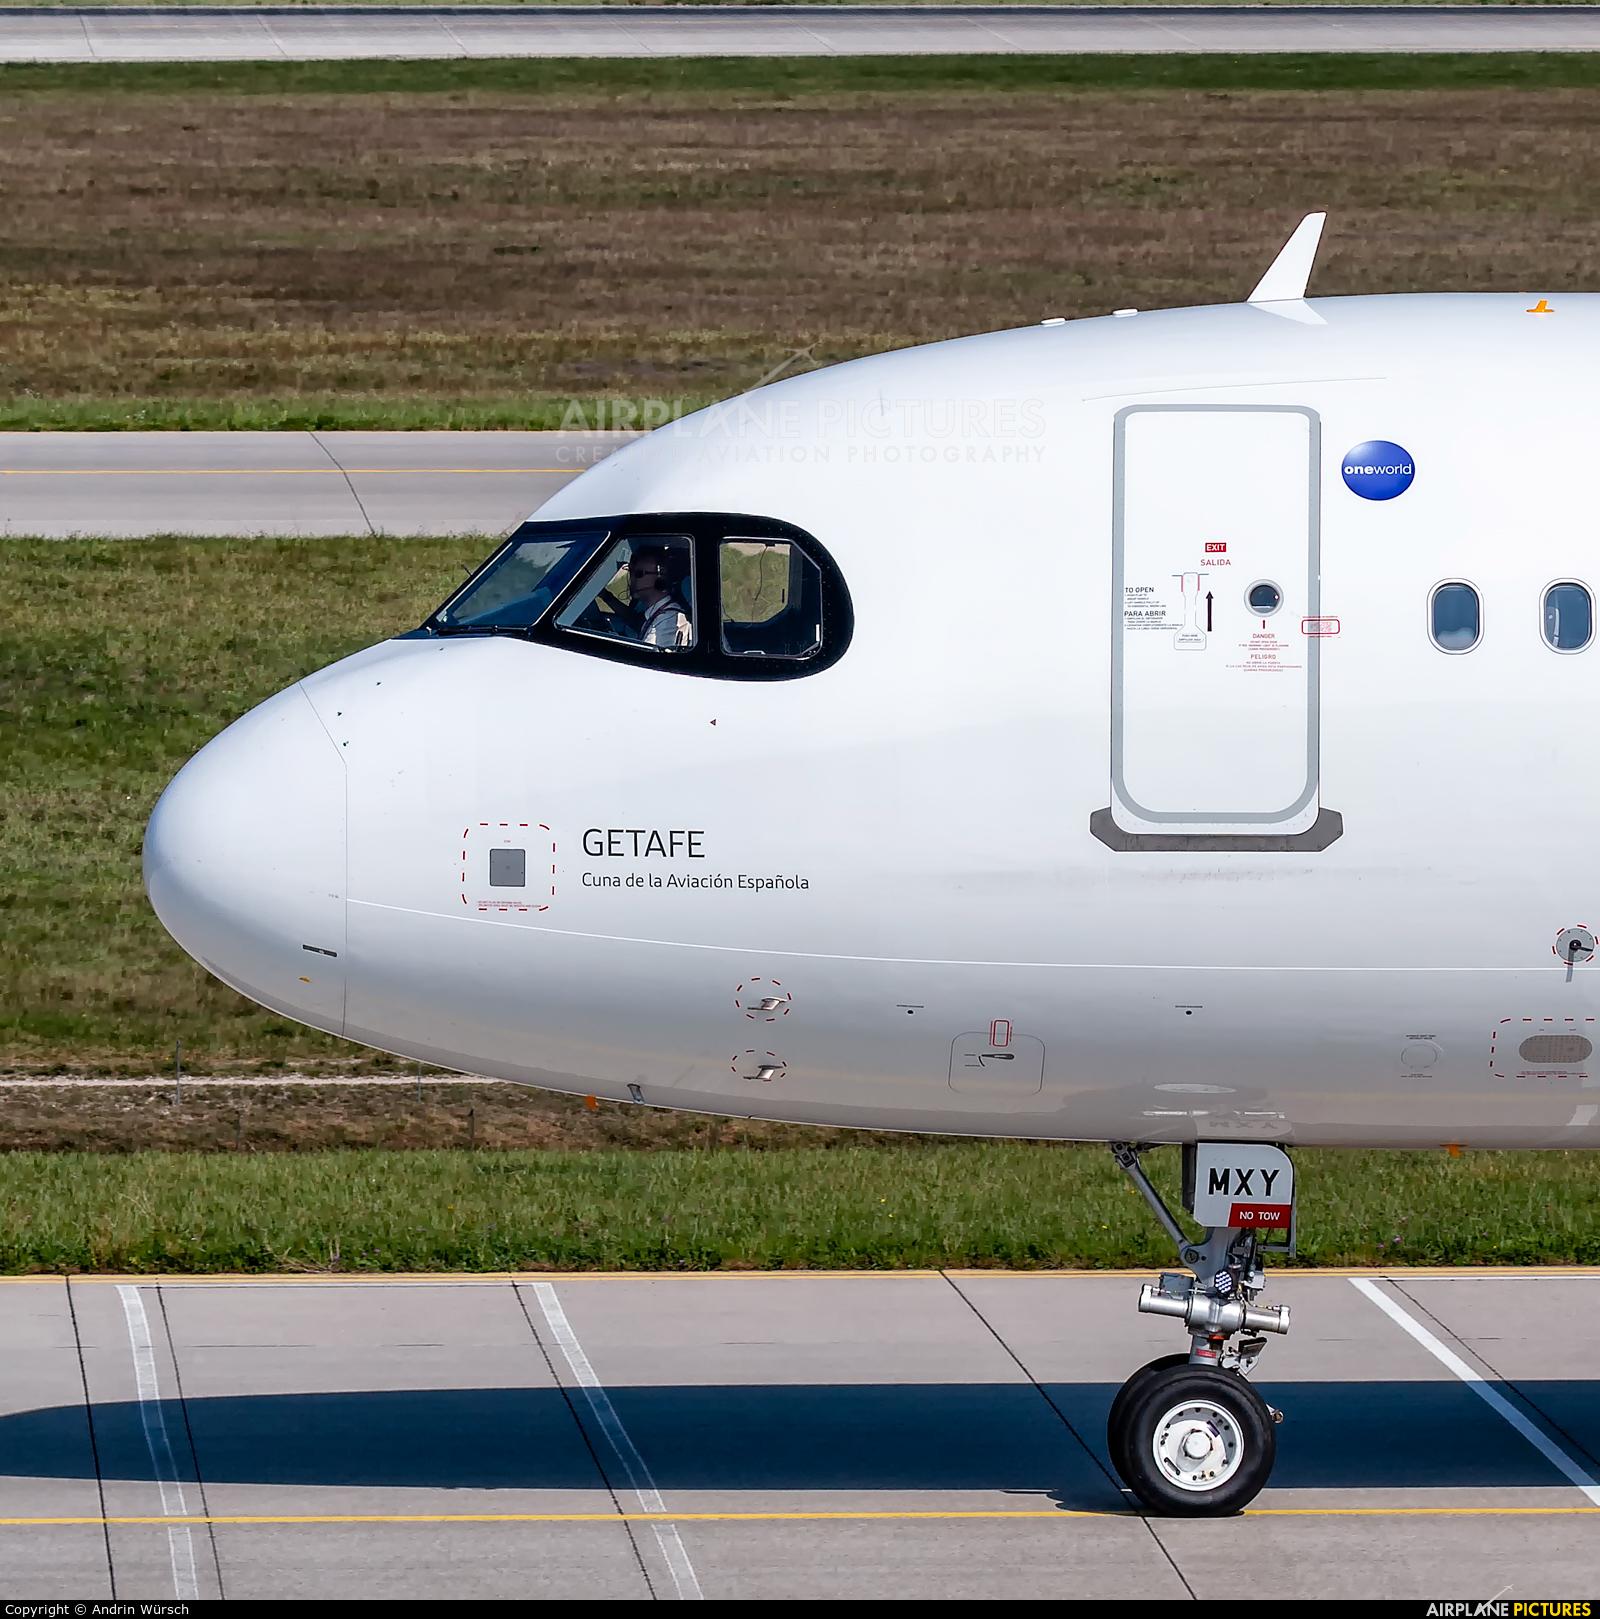 Iberia EC-MXY aircraft at Munich